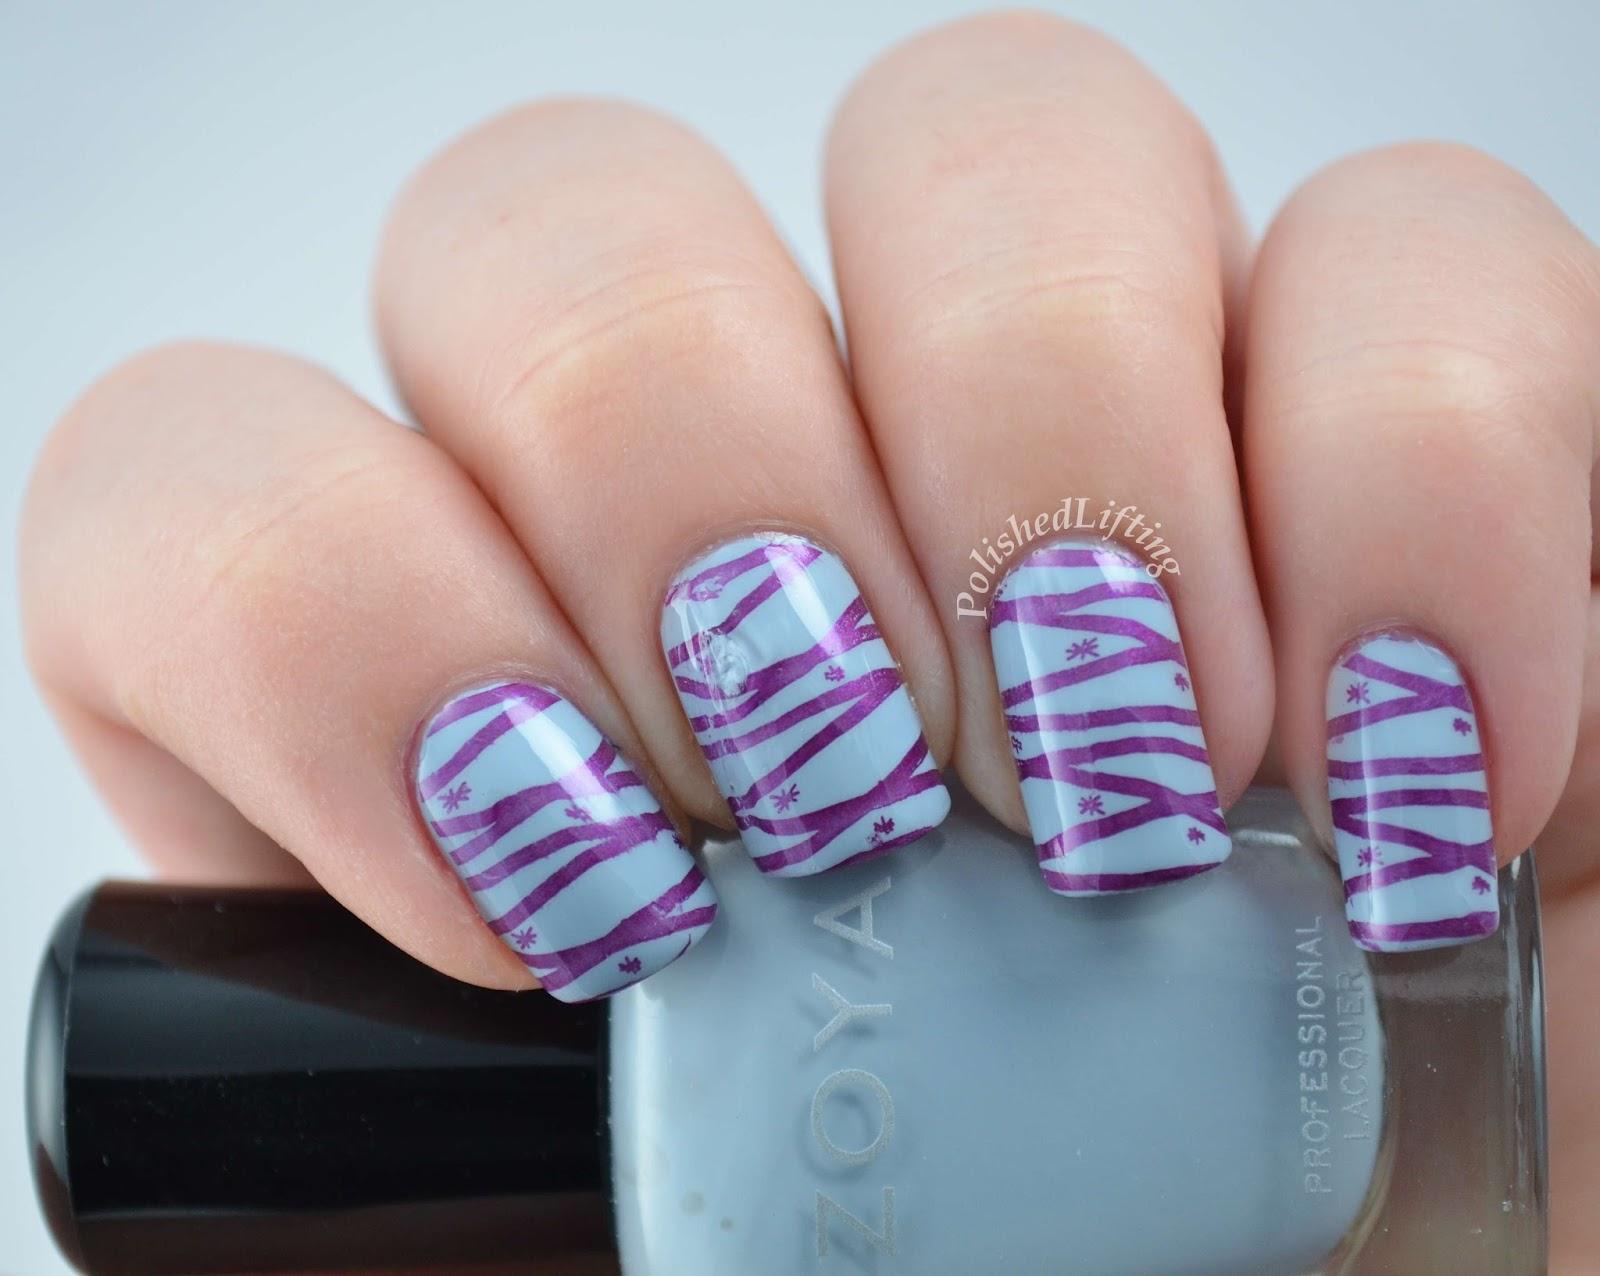 Zoya Blu Sally Hansen Insta Dri Pronto Purple Vivid Lacquer 030